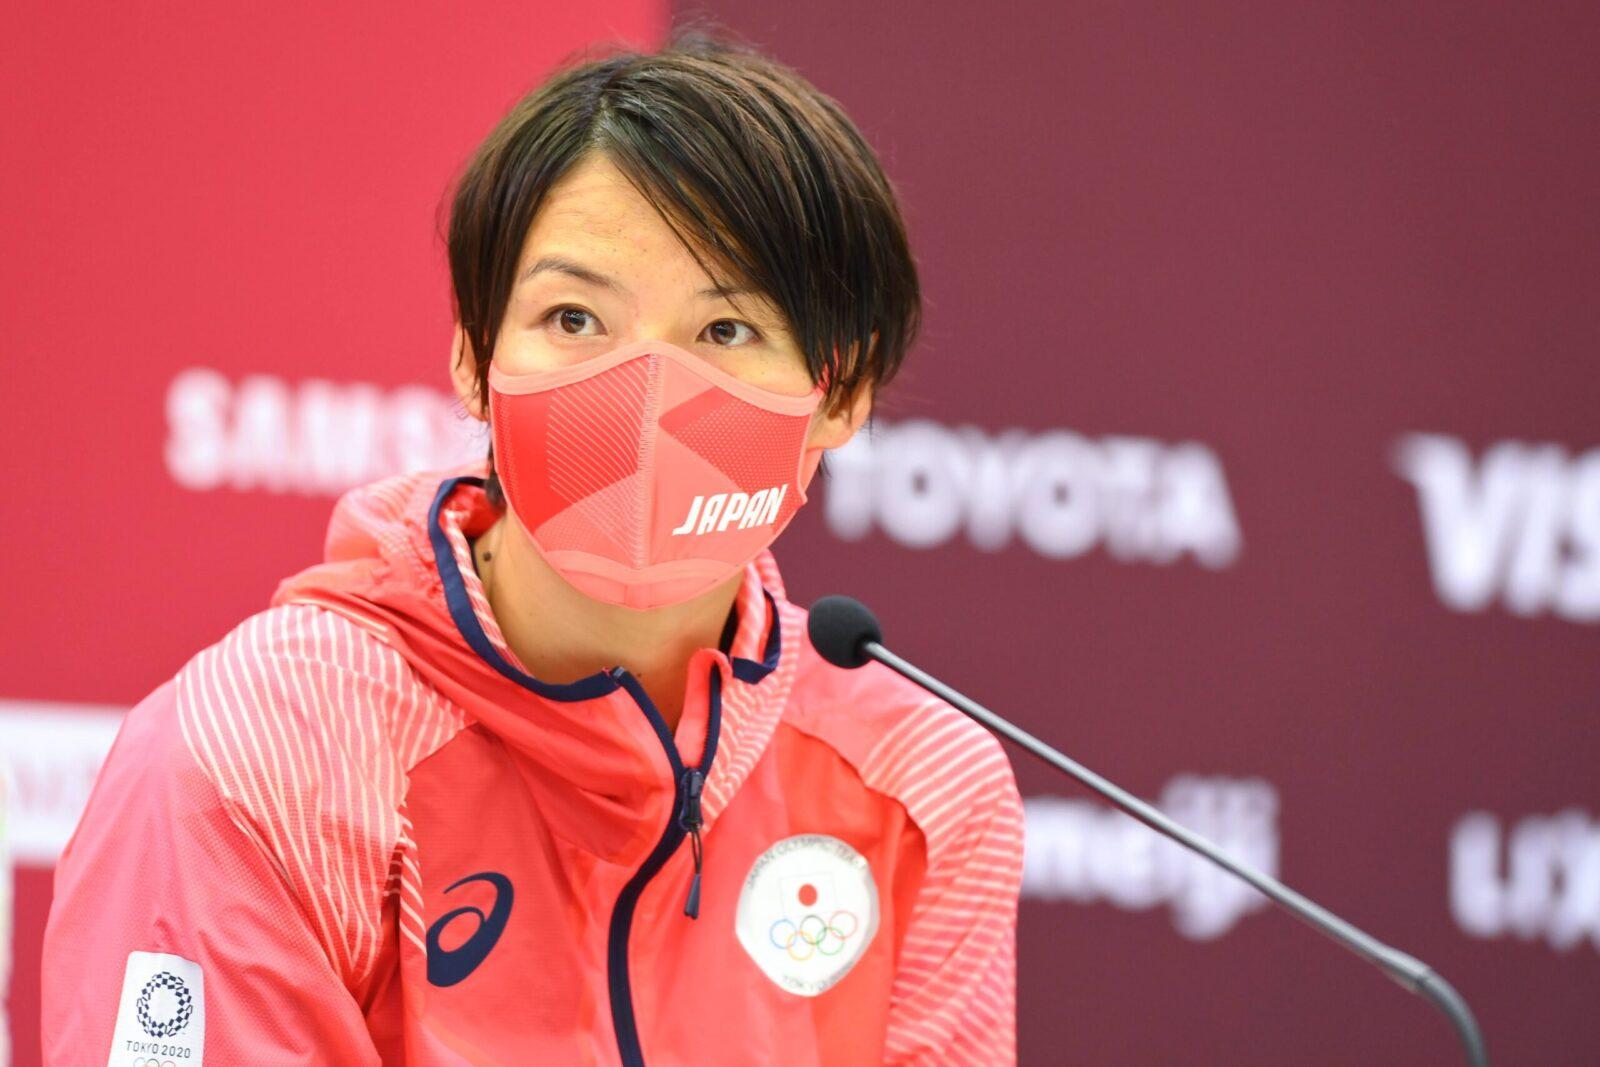 『片膝つき』抗議、日本の主将・熊谷紗希が説明「みんなで人種差別について考えるキッカケに」│東京五輪女子サッカー